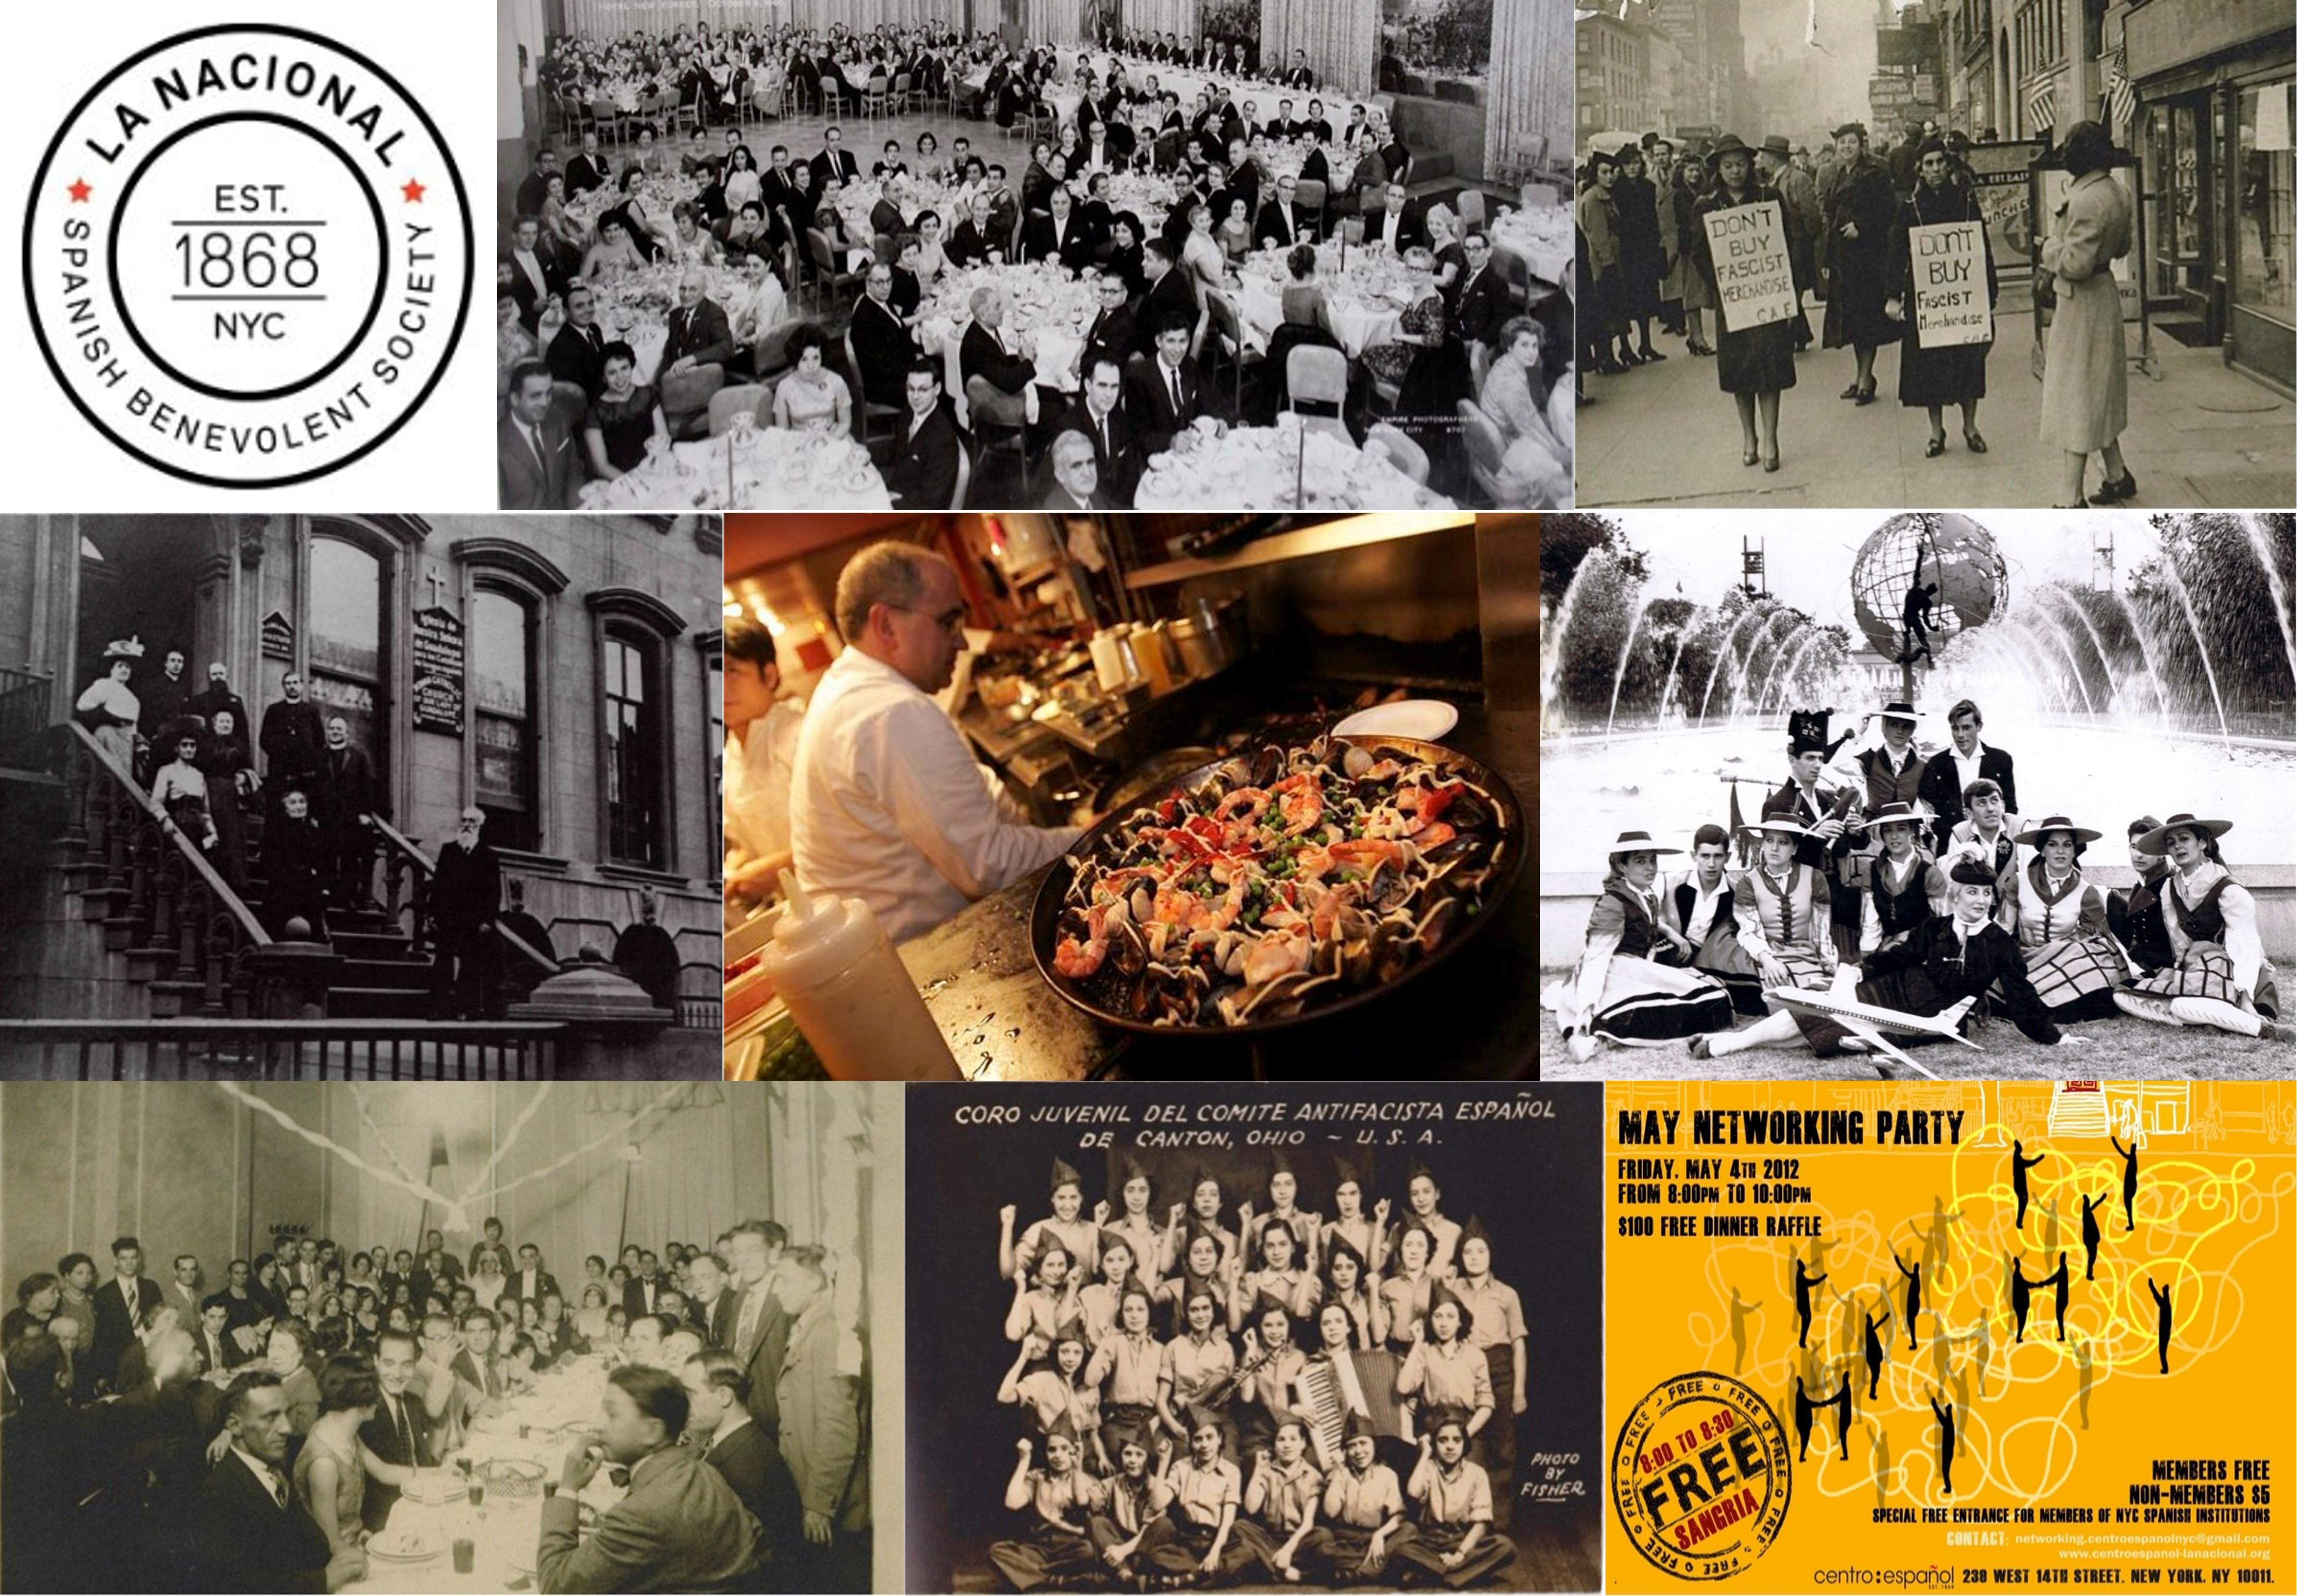 LA NACIONAL NY - SPANISH BENEVOLENT SOCIETY NY